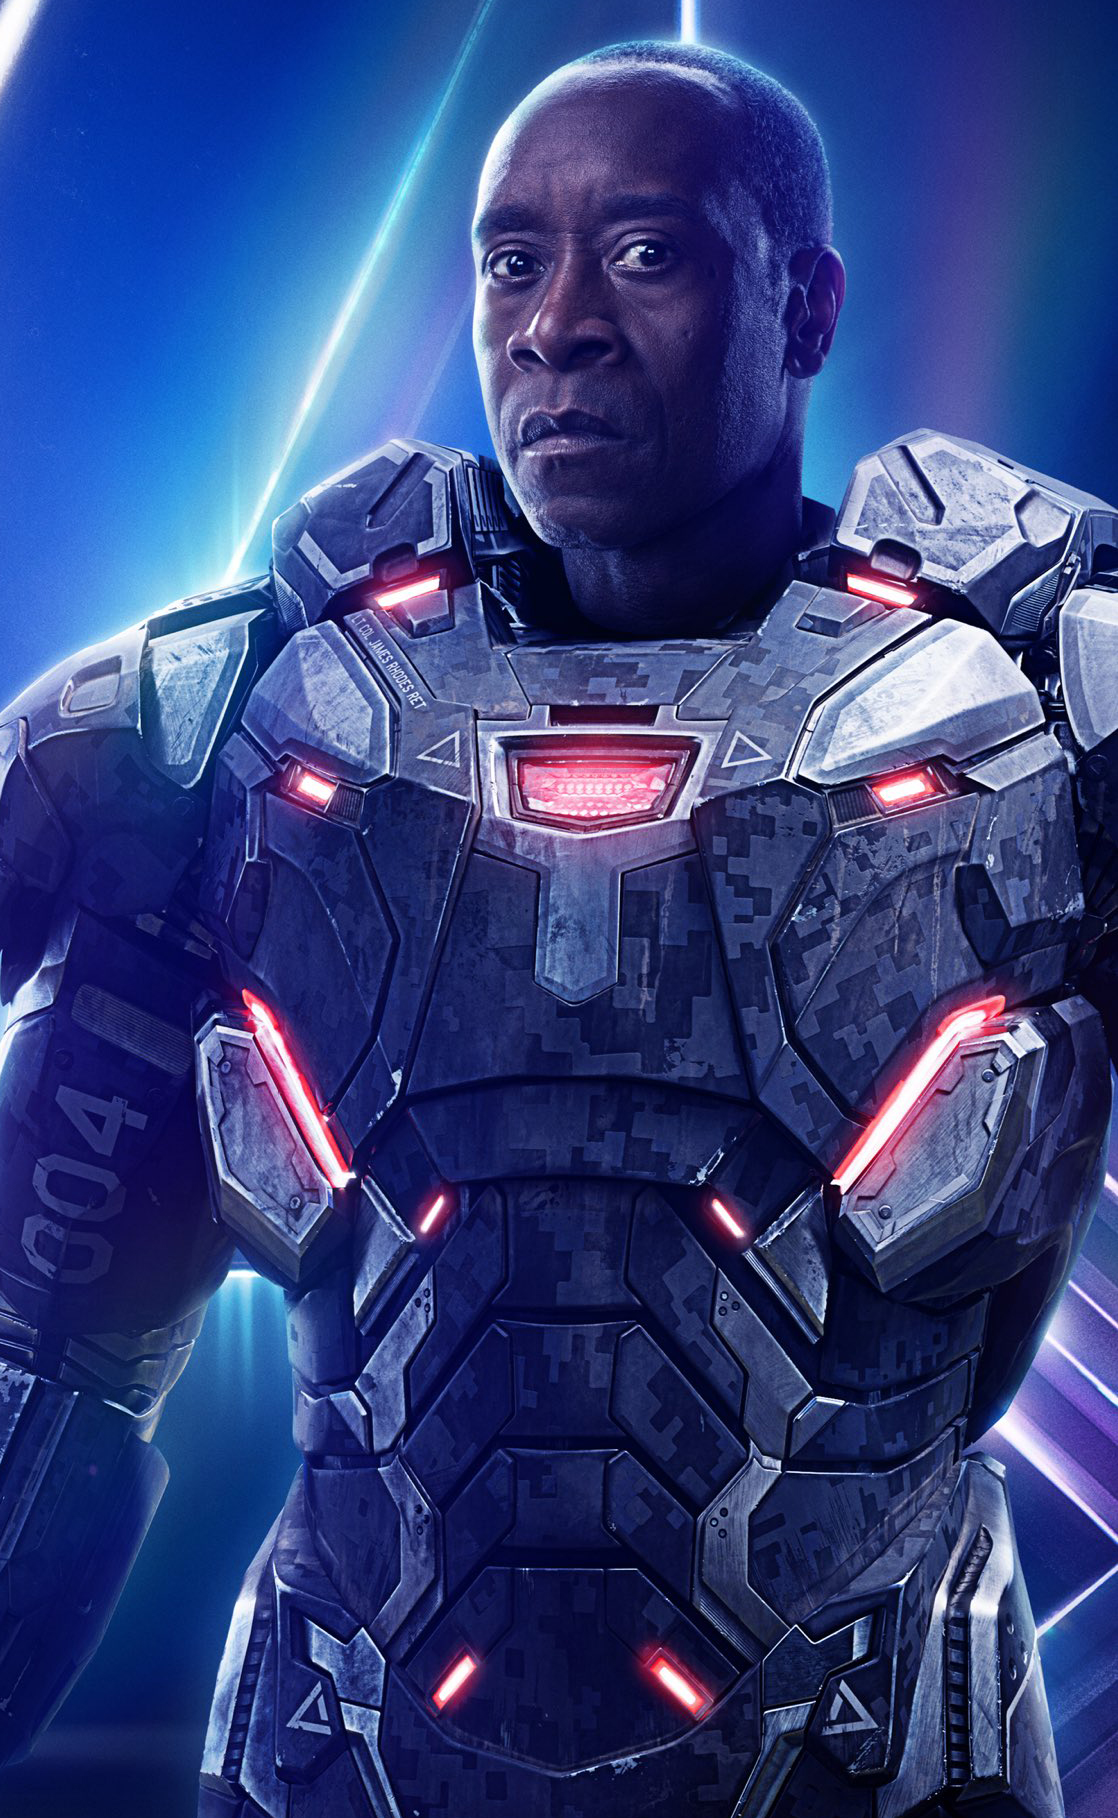 Avengers infinity war war machine poster